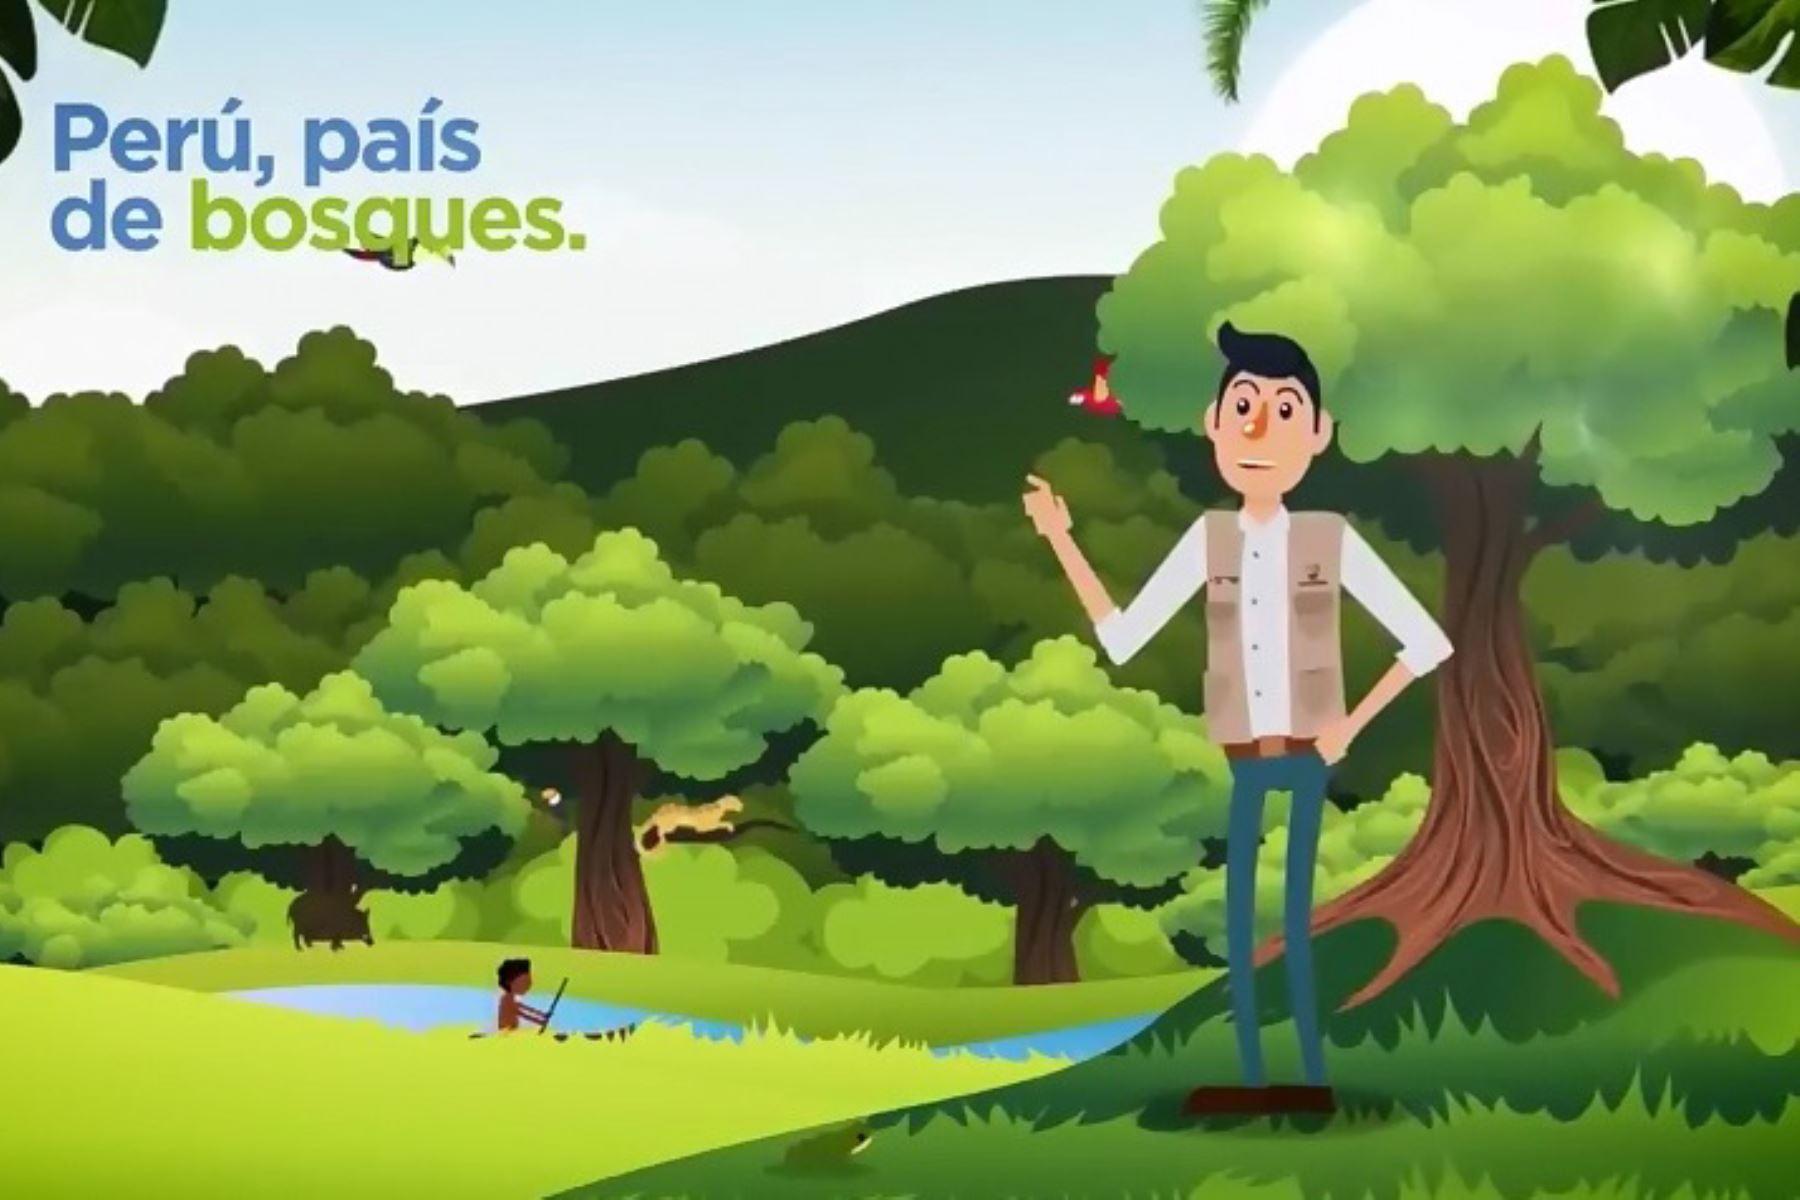 Con video educativo resaltan la importancia de los bosques. ANDINA/Difusión